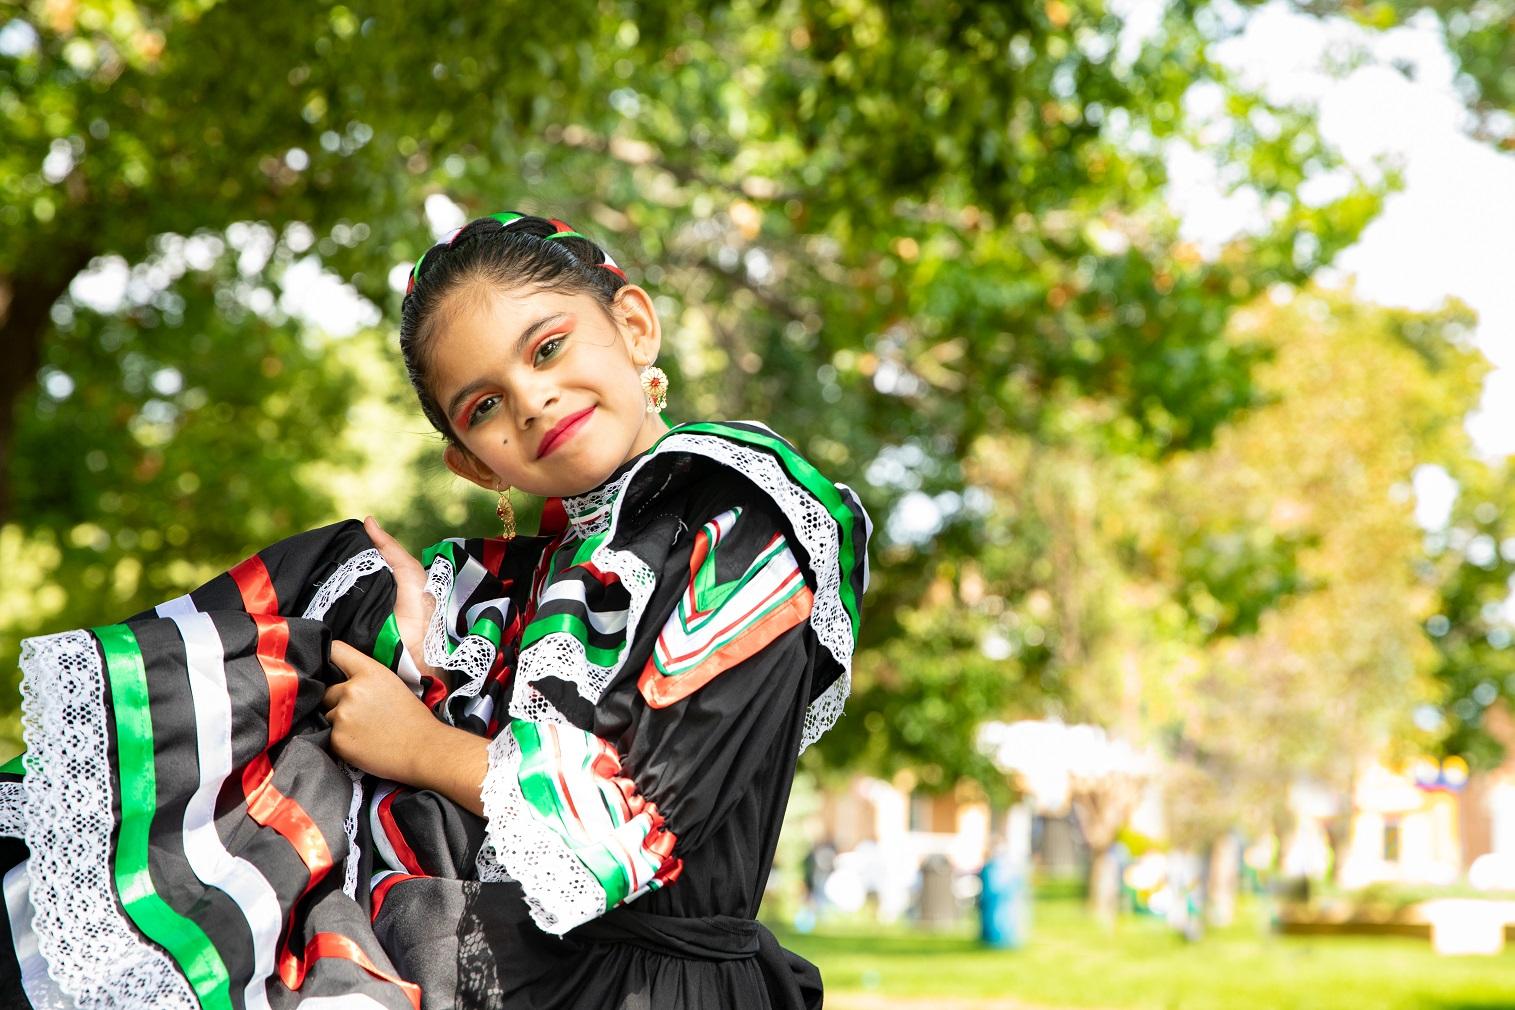 Latinofest girl dancing